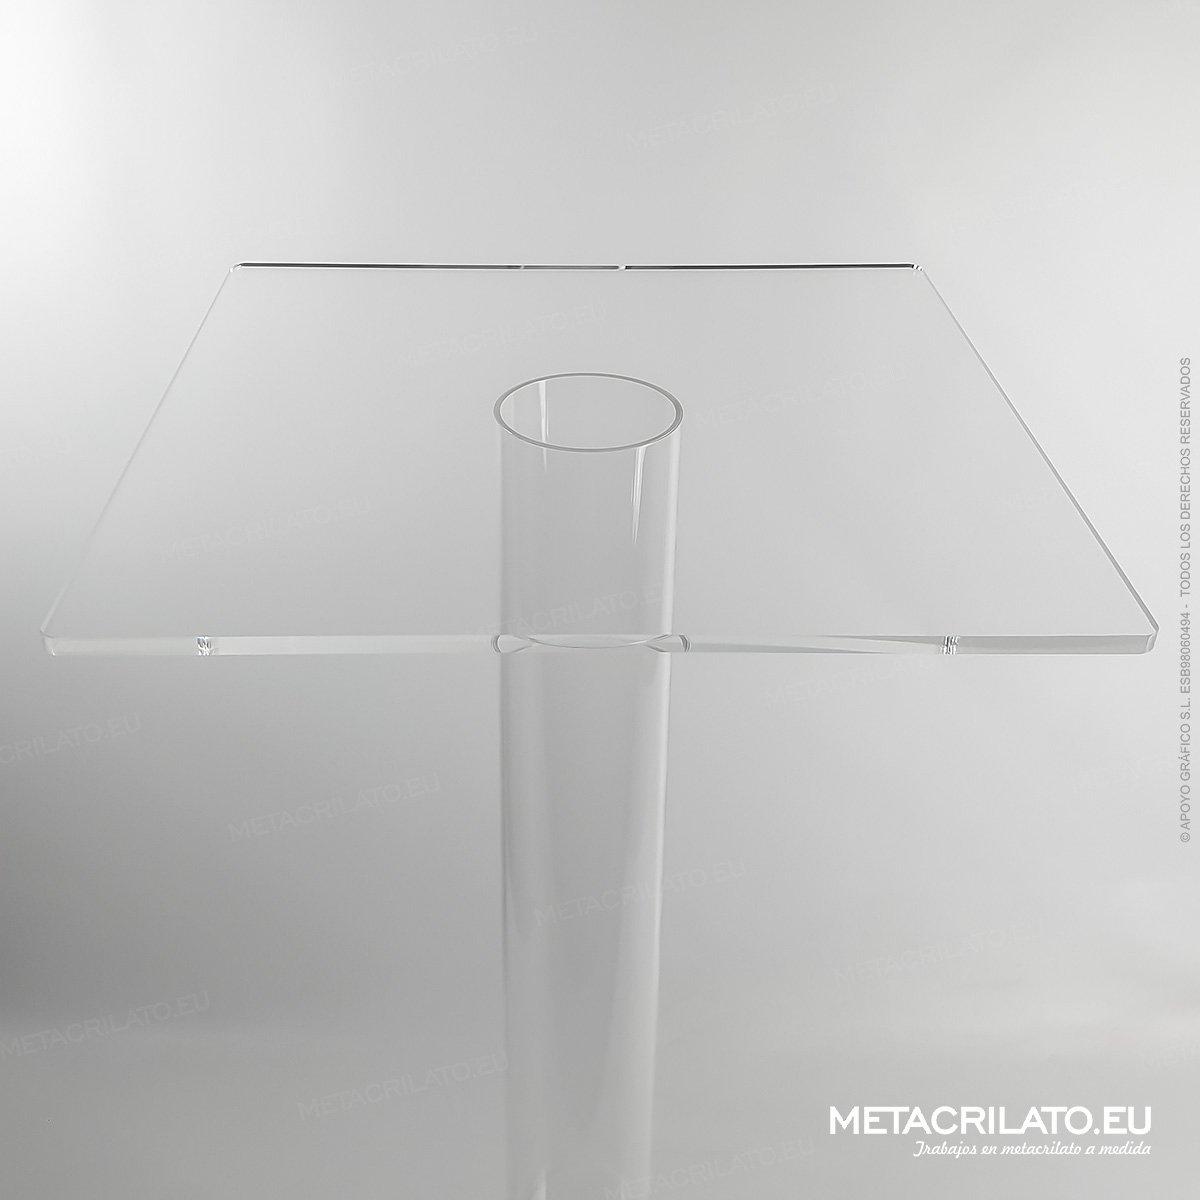 tubo de metacrilato